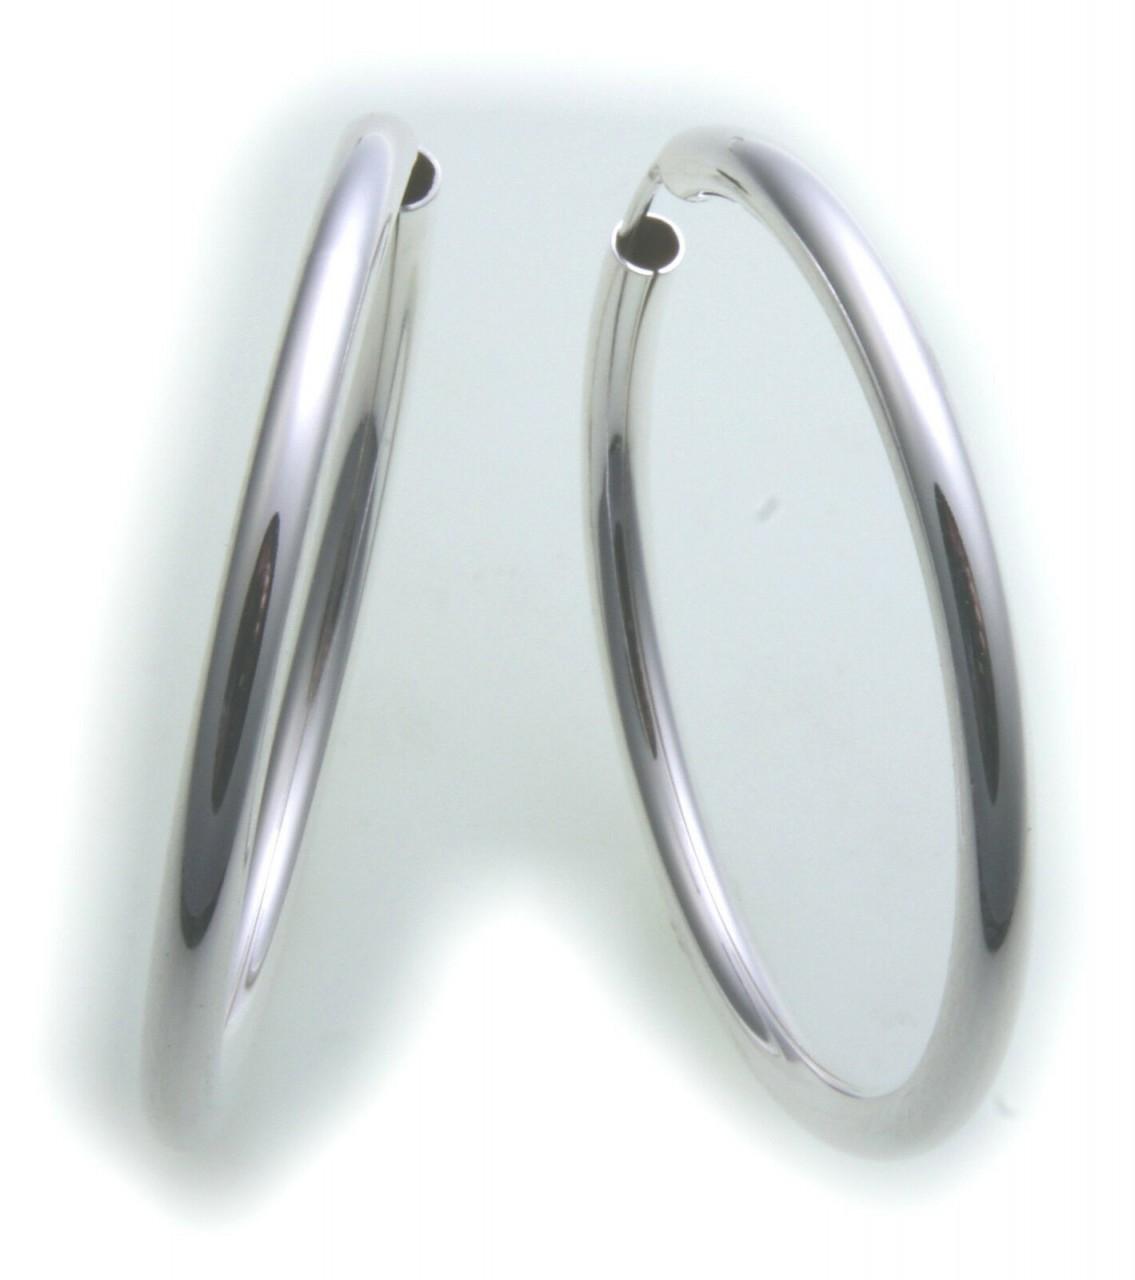 Ohrringe Creolen Silber 925 Glanz 40 mm Rohrform 3 mm Sterlingsilber Unisex